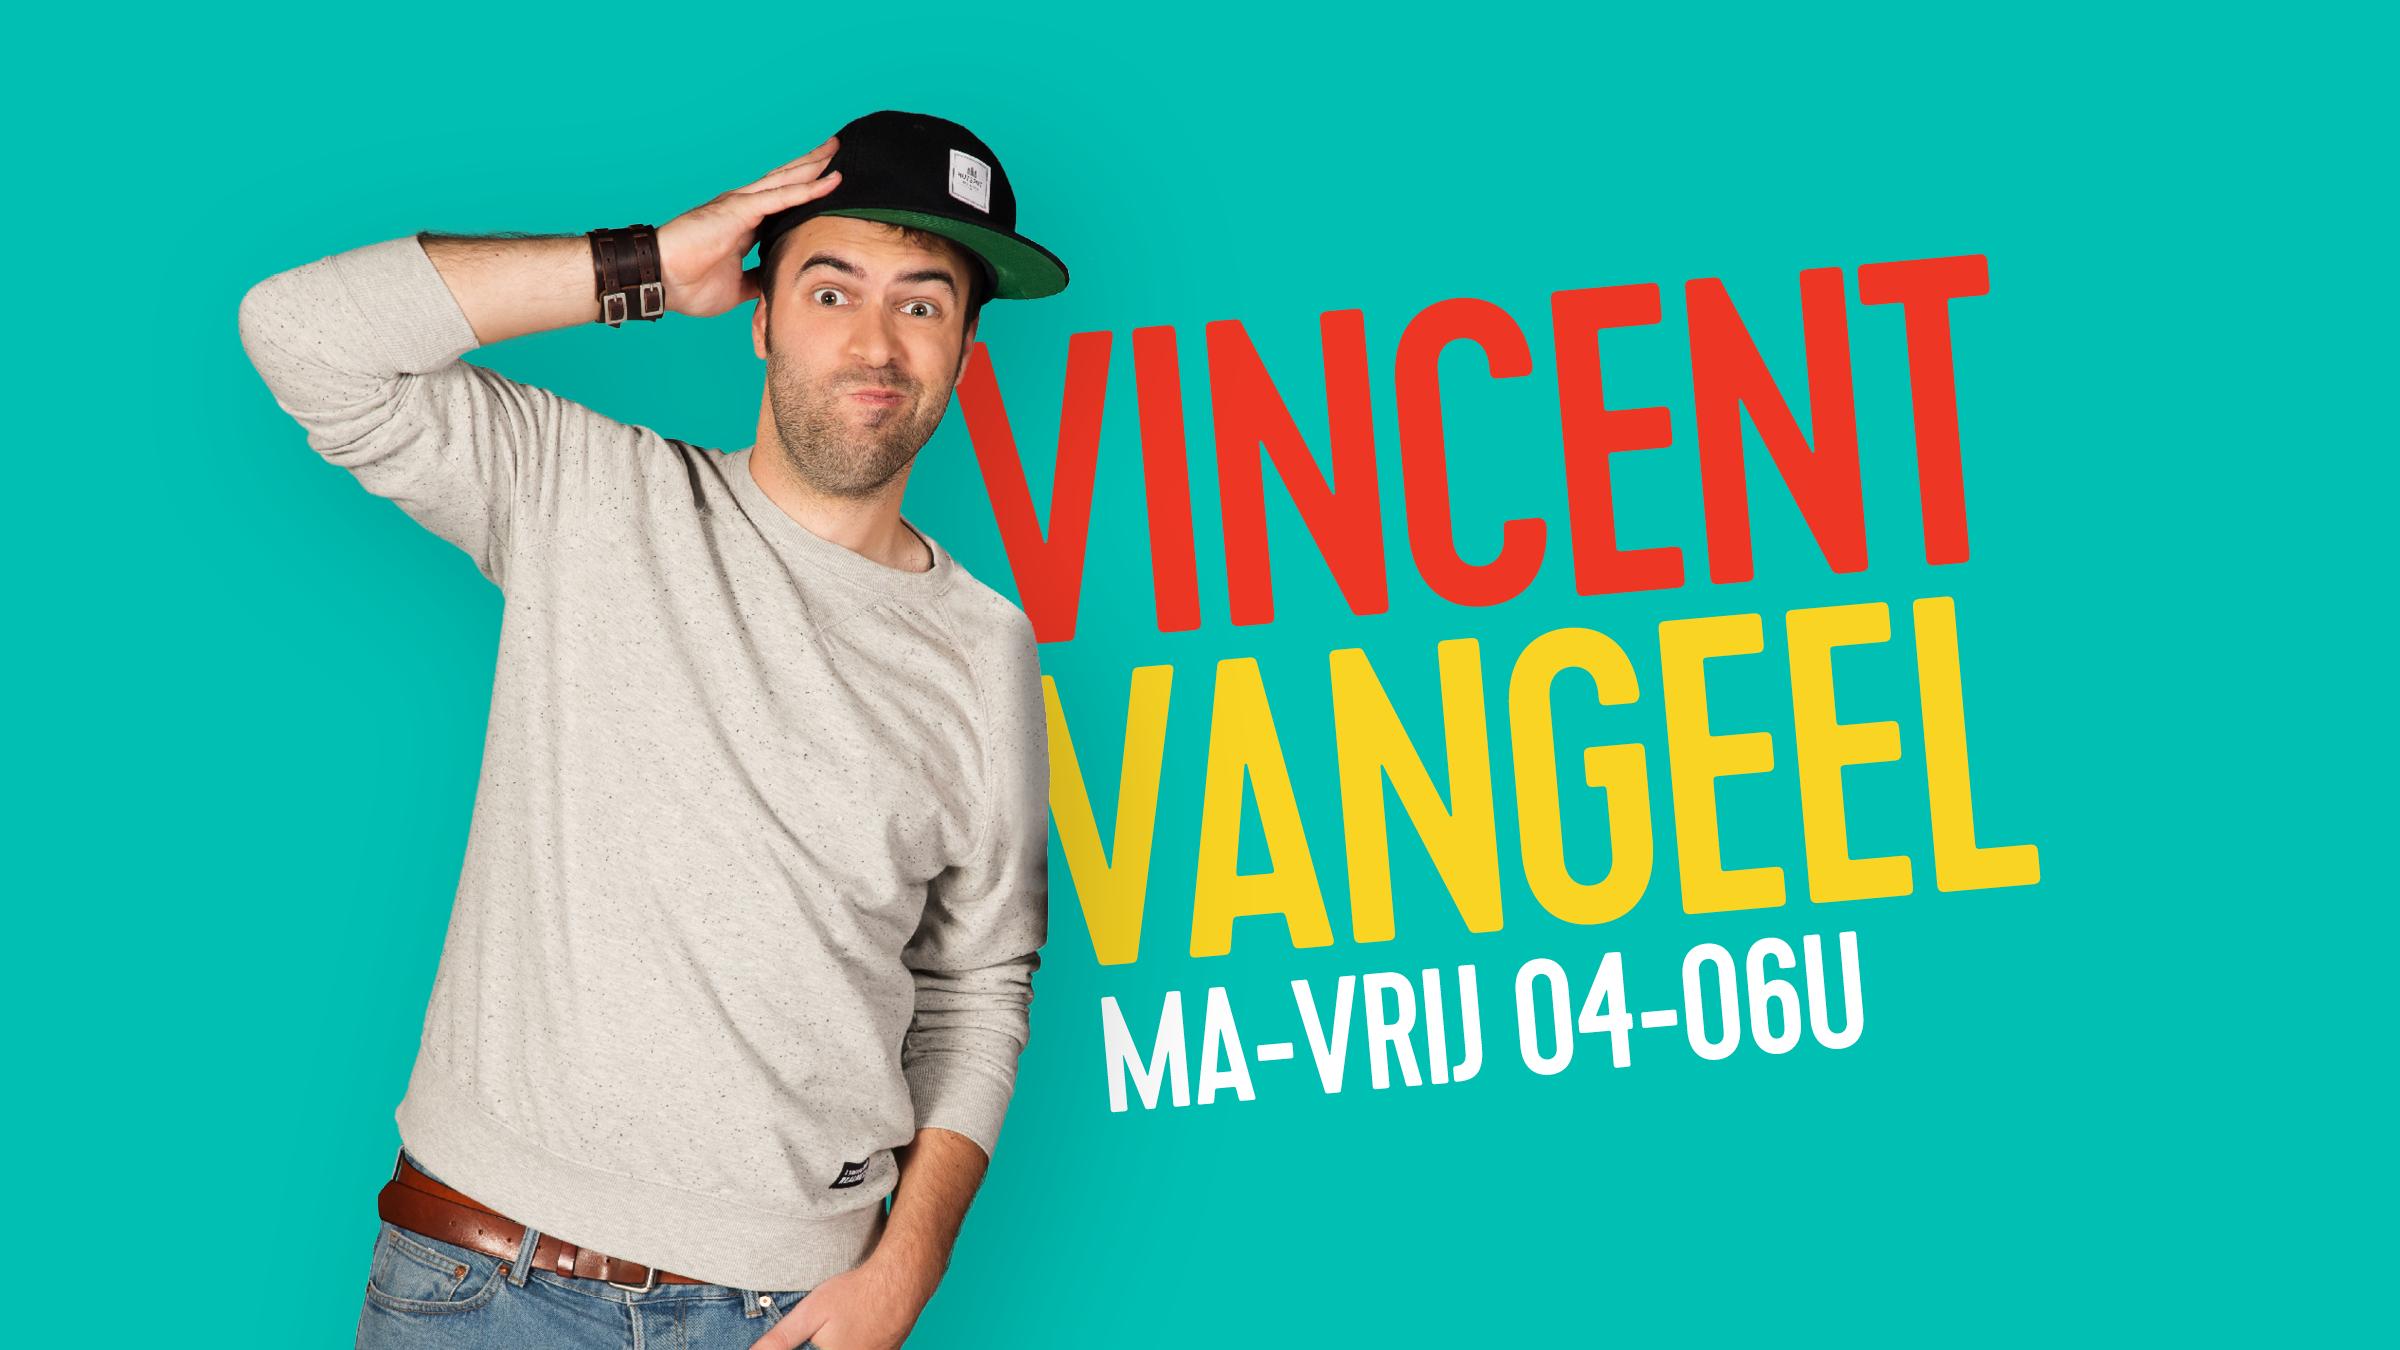 Vangeel2